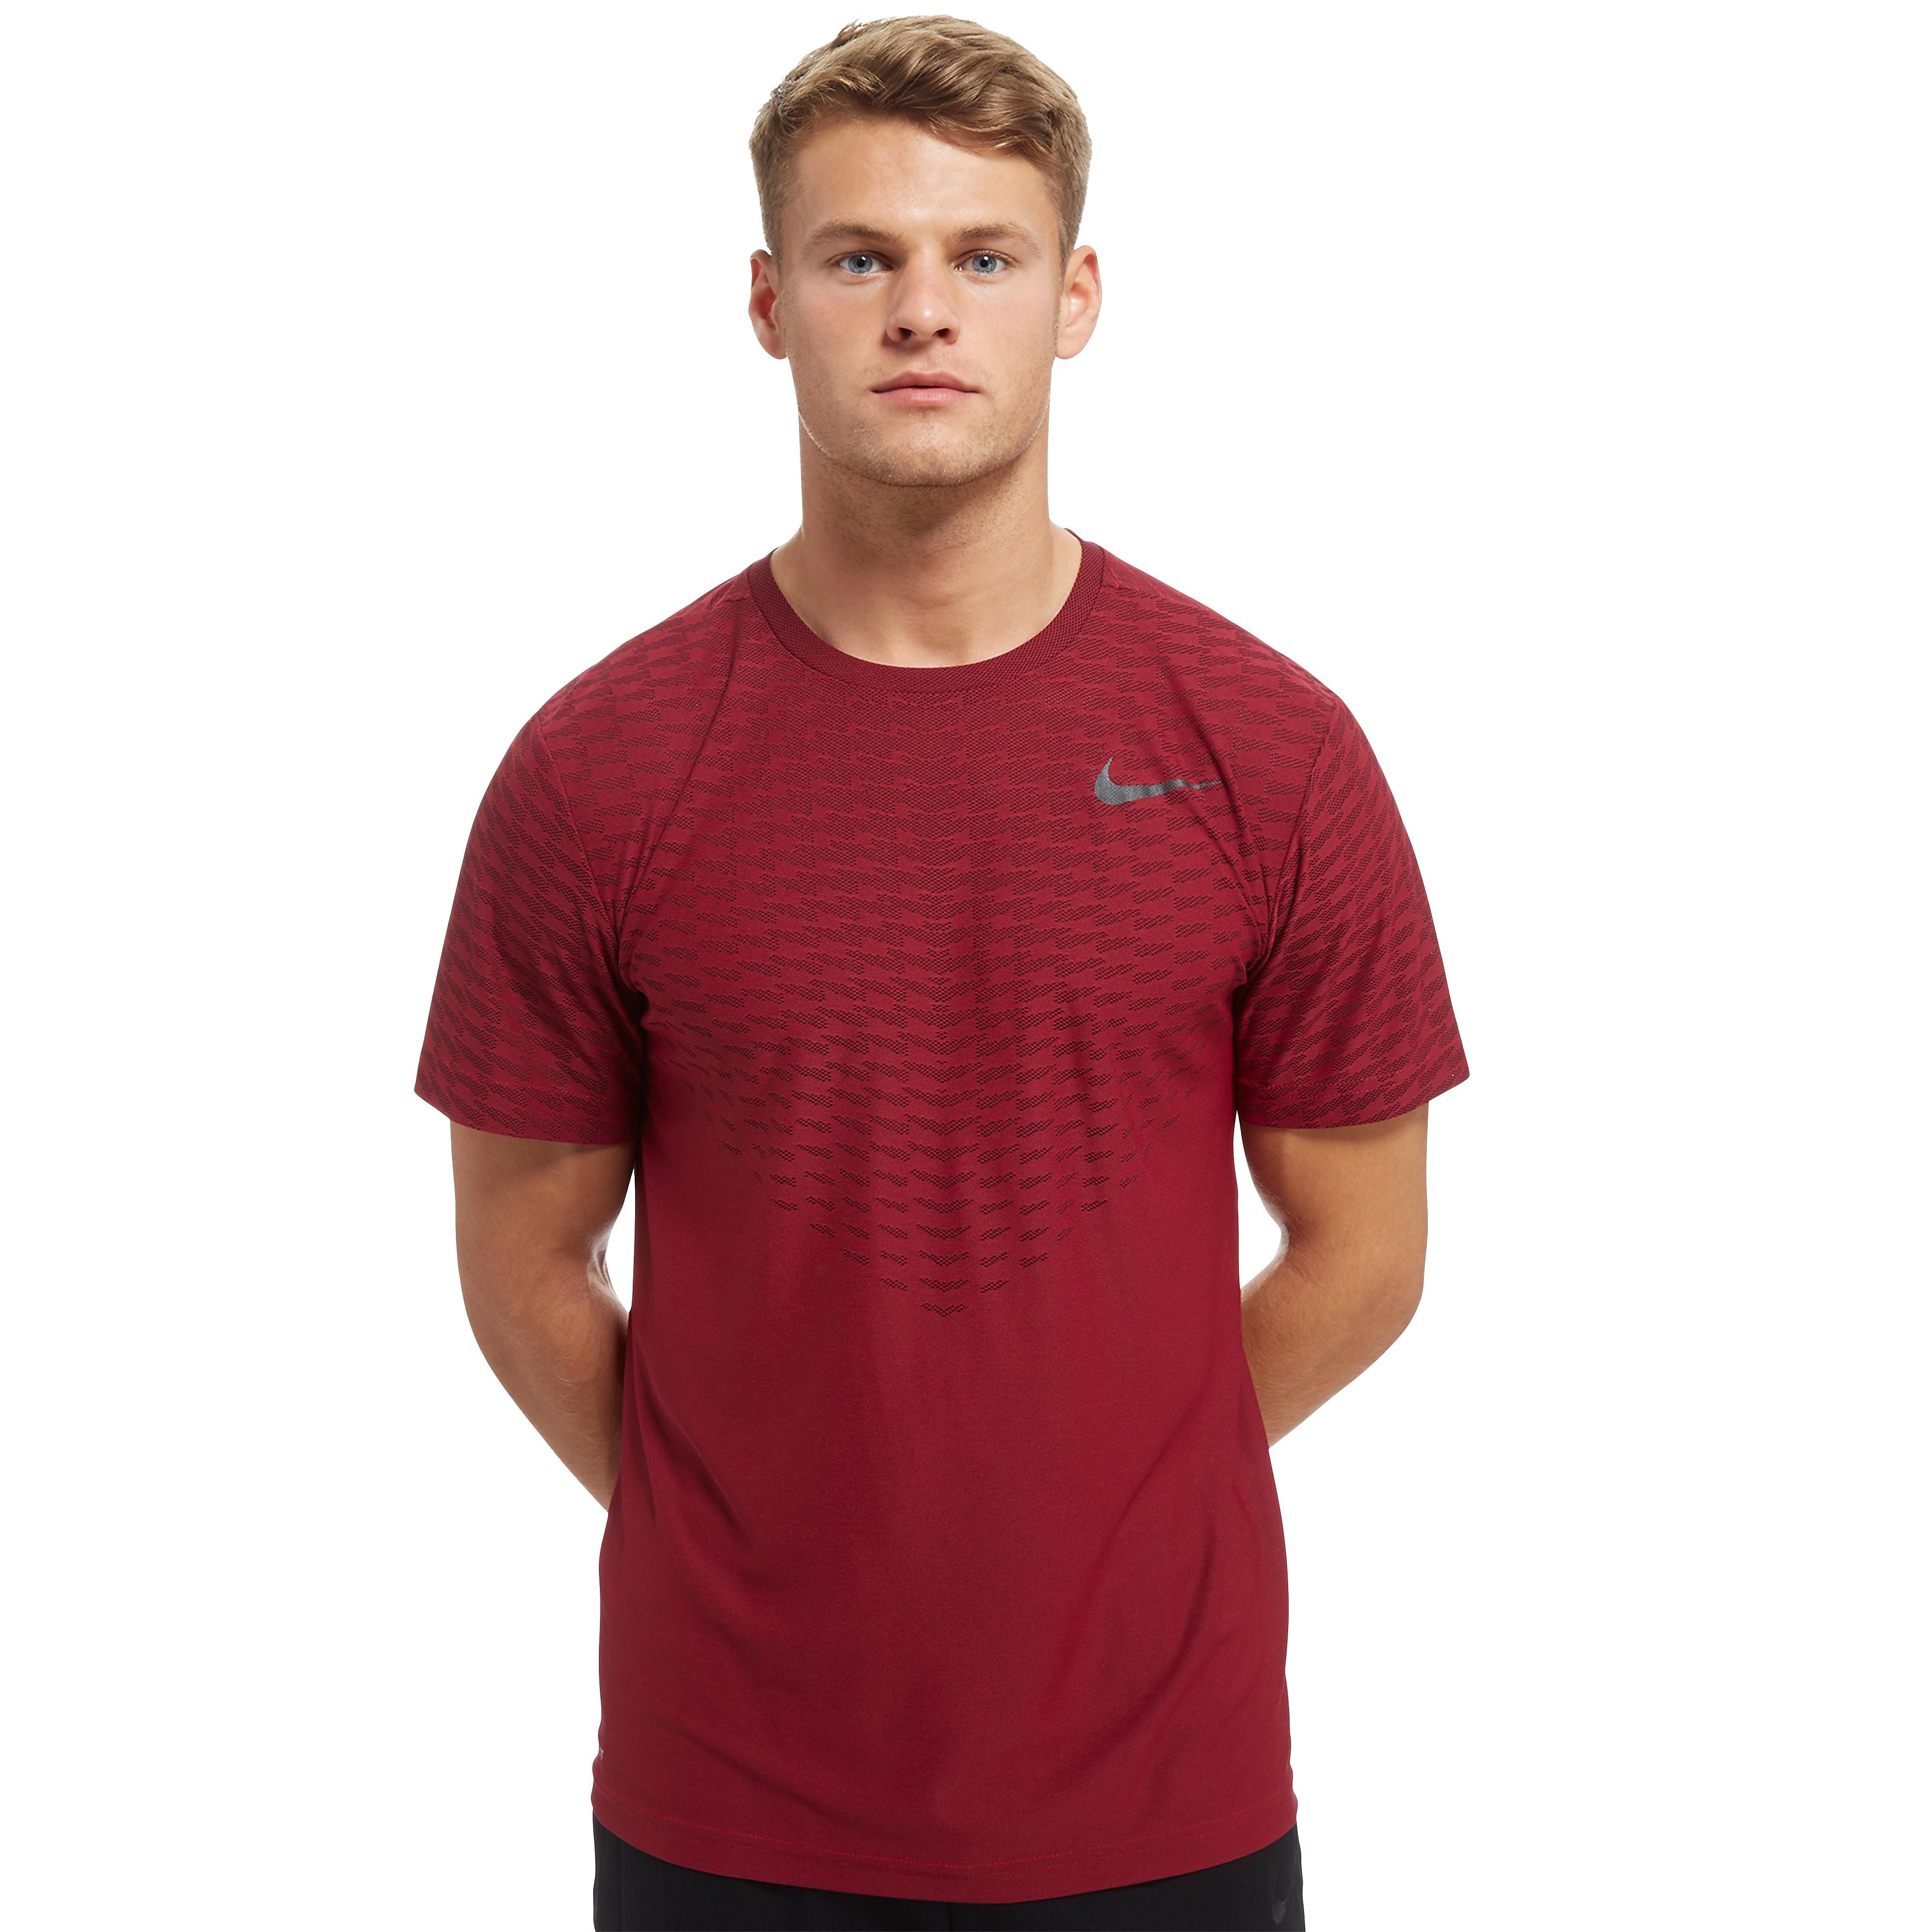 Nike Zonal Cooling Men's T-Shirt